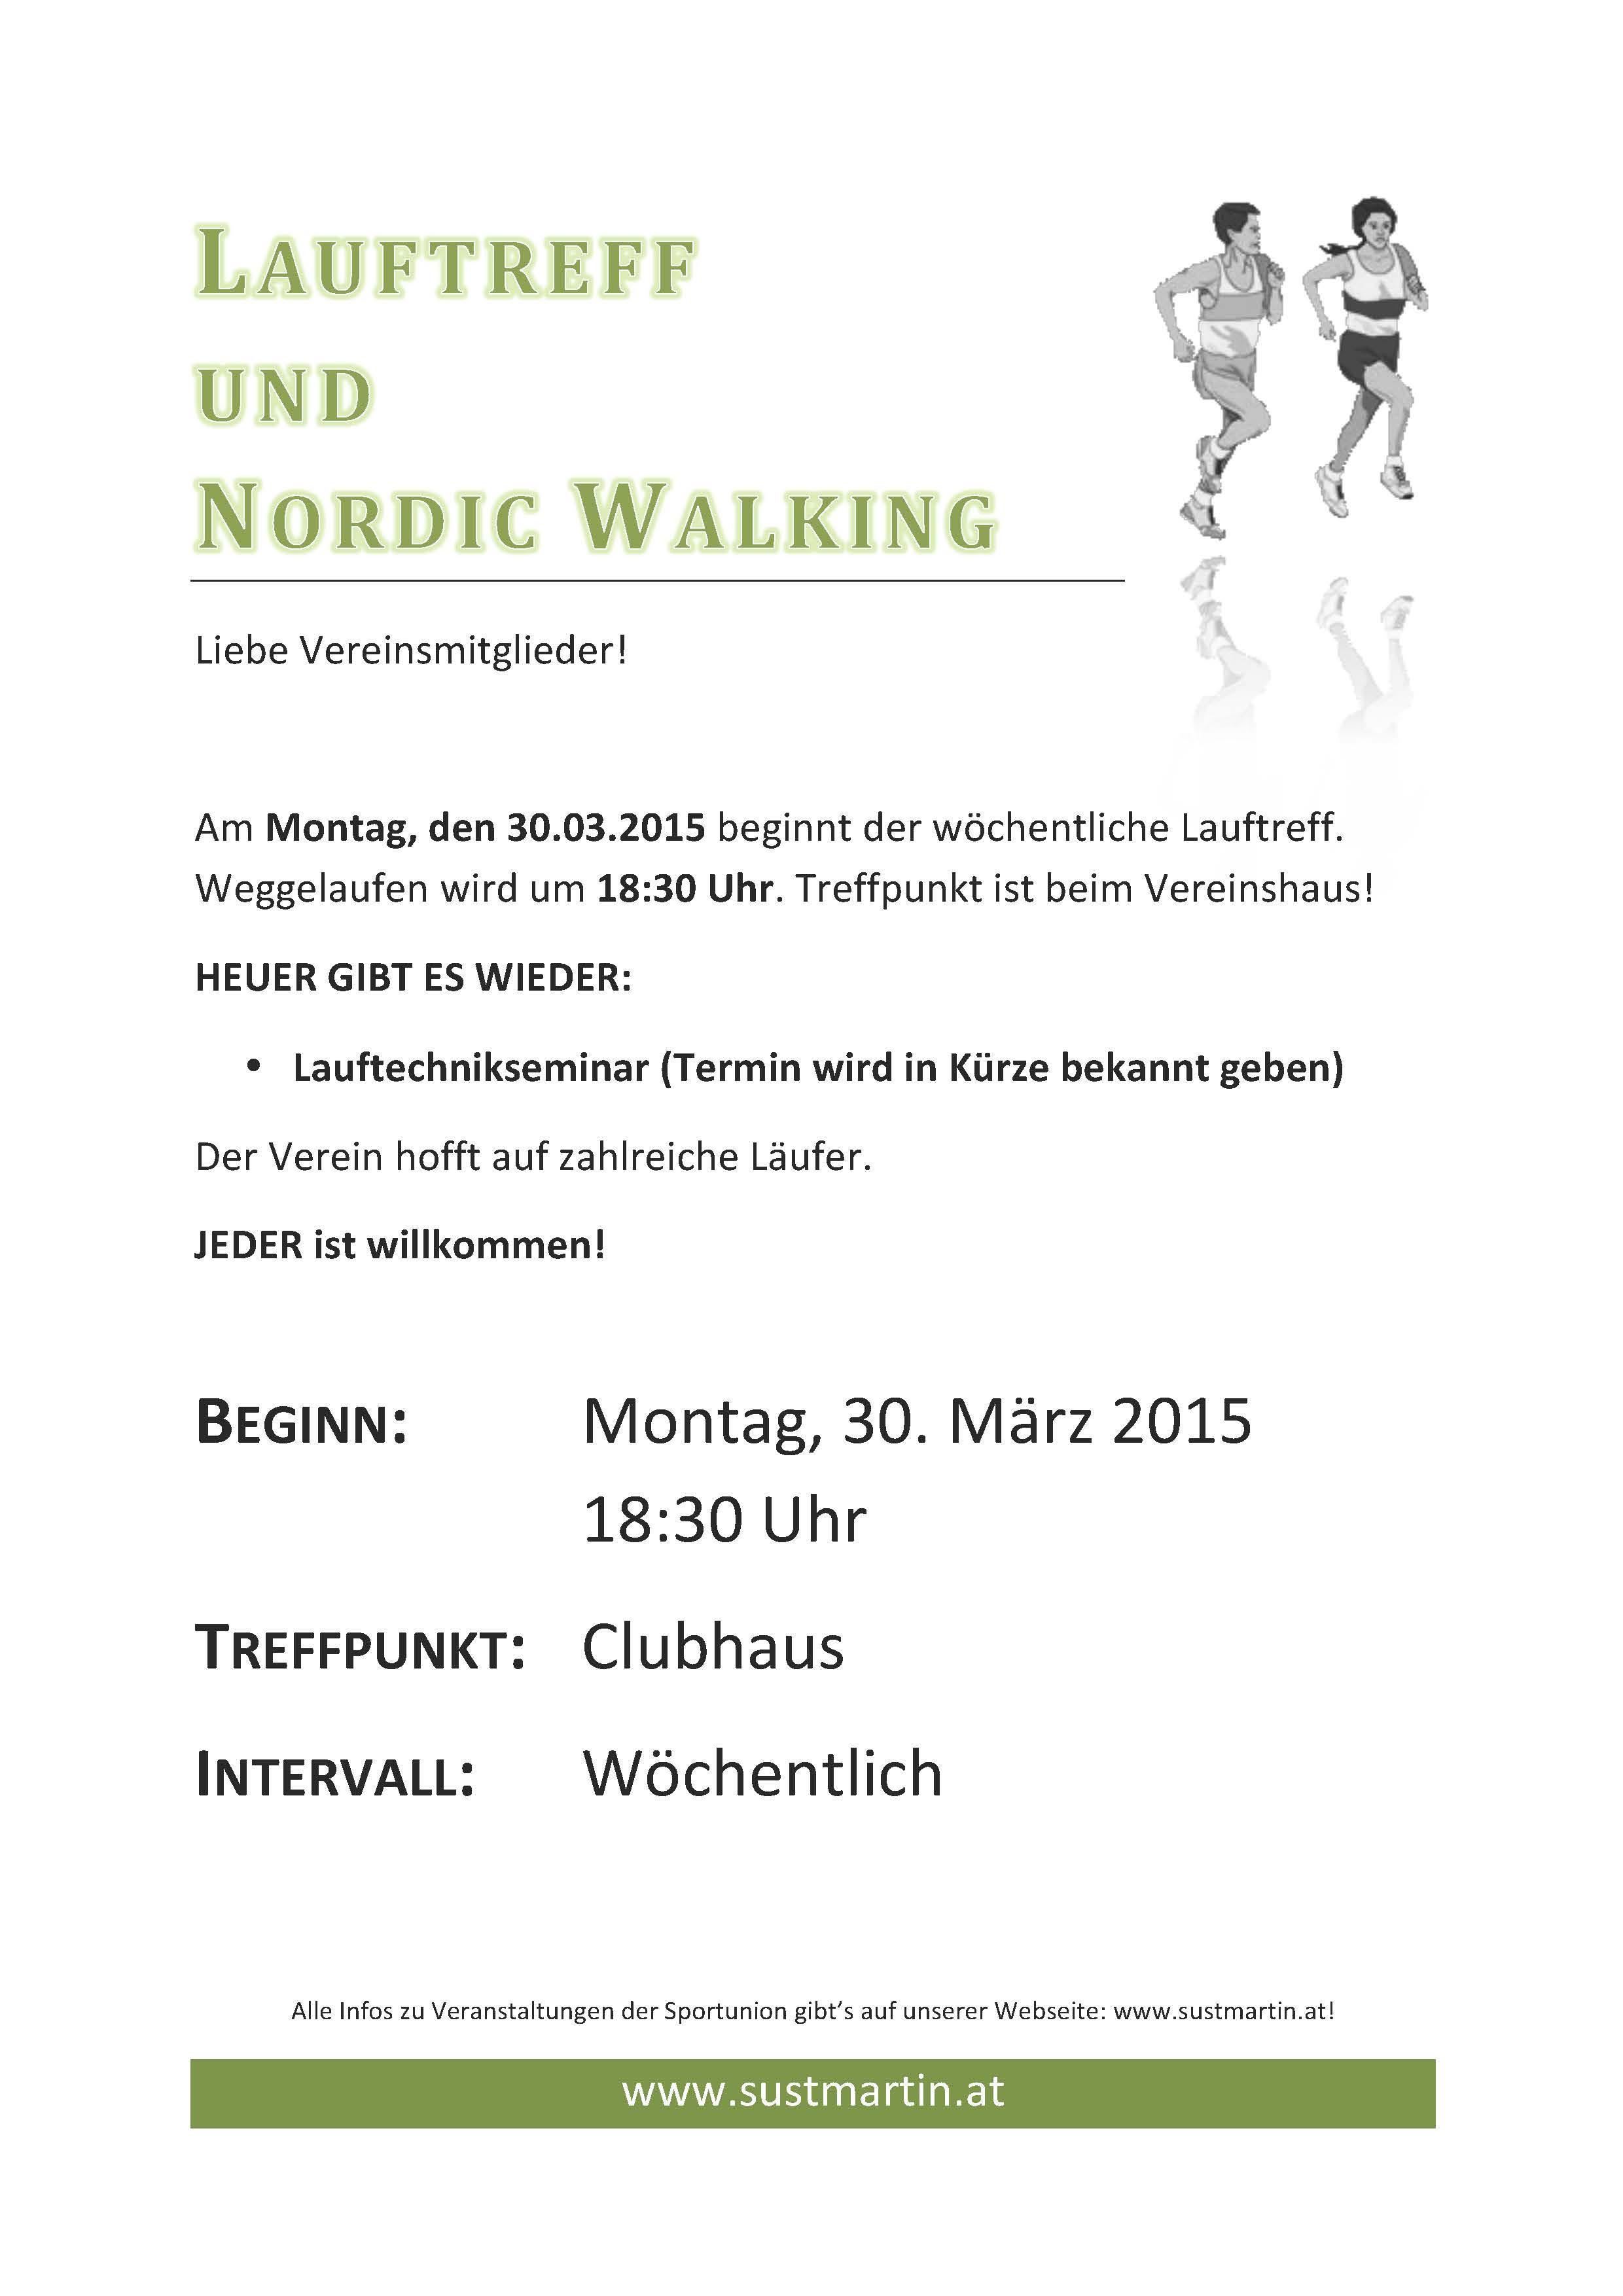 Start Lauftreff (samt Nordic Walking)